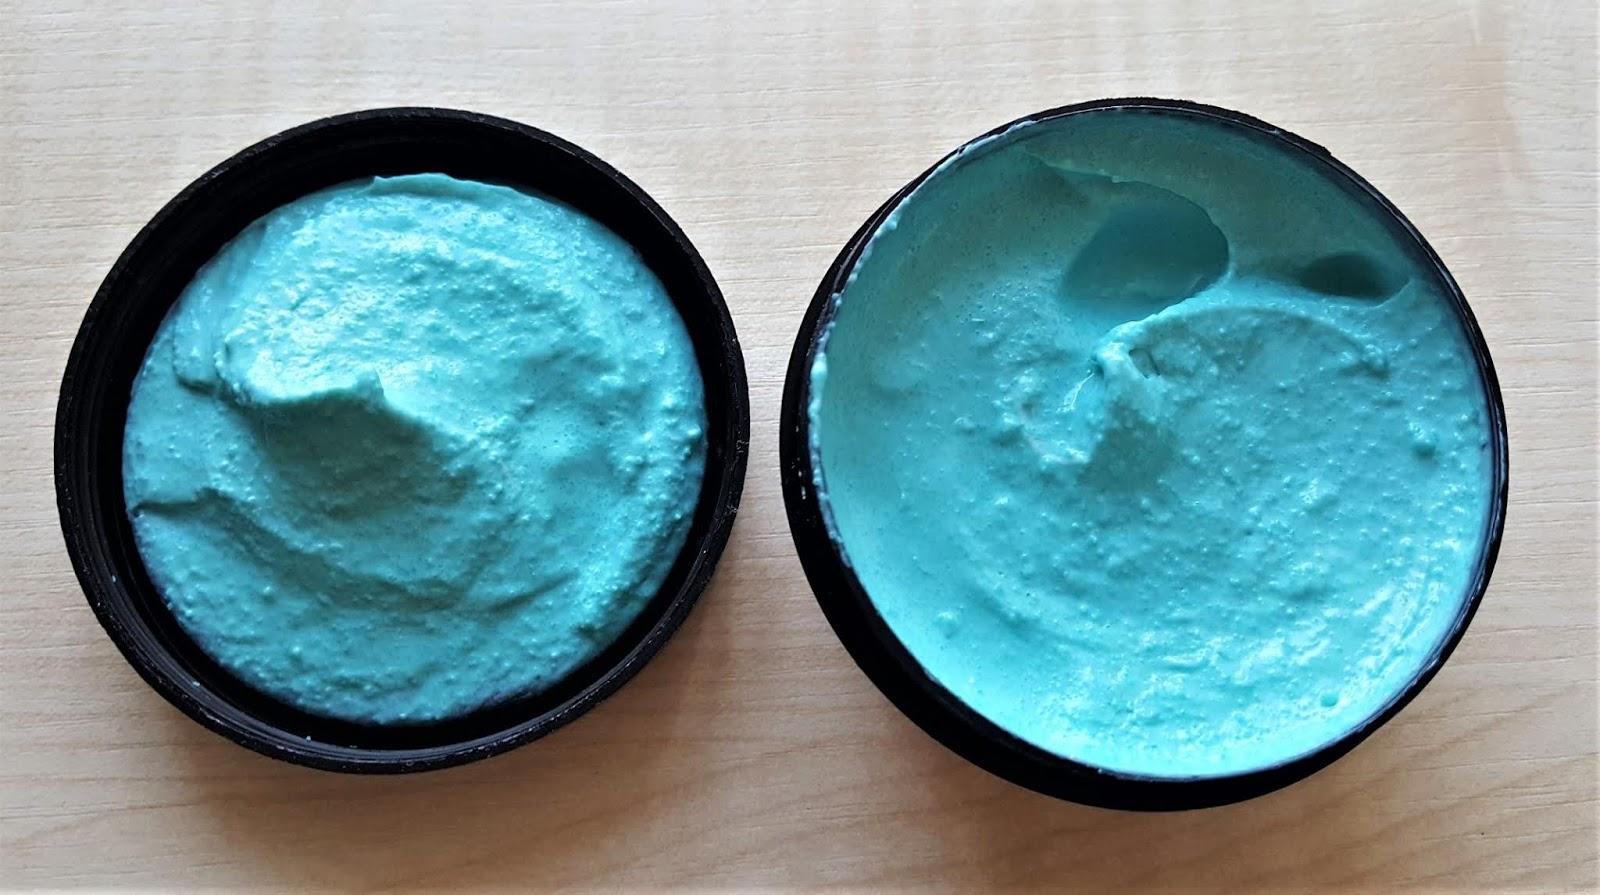 فوائد النيلة الزرقاء للبشرة